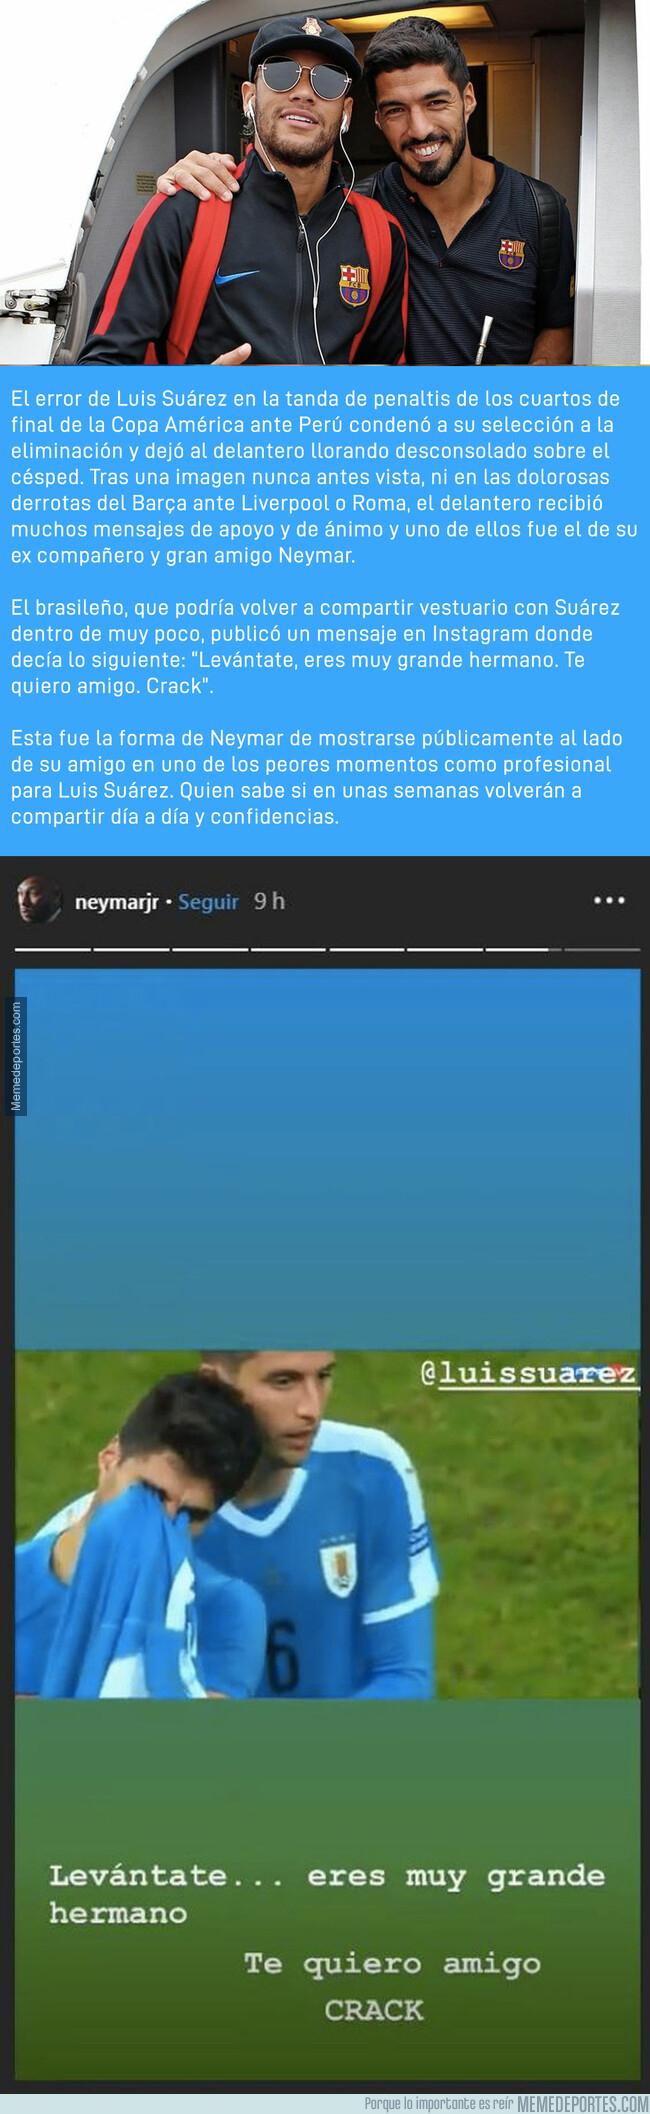 1079675 - El mensaje de apoyo de Neymar a Luis Suárez tras fallar el penalti decisivo